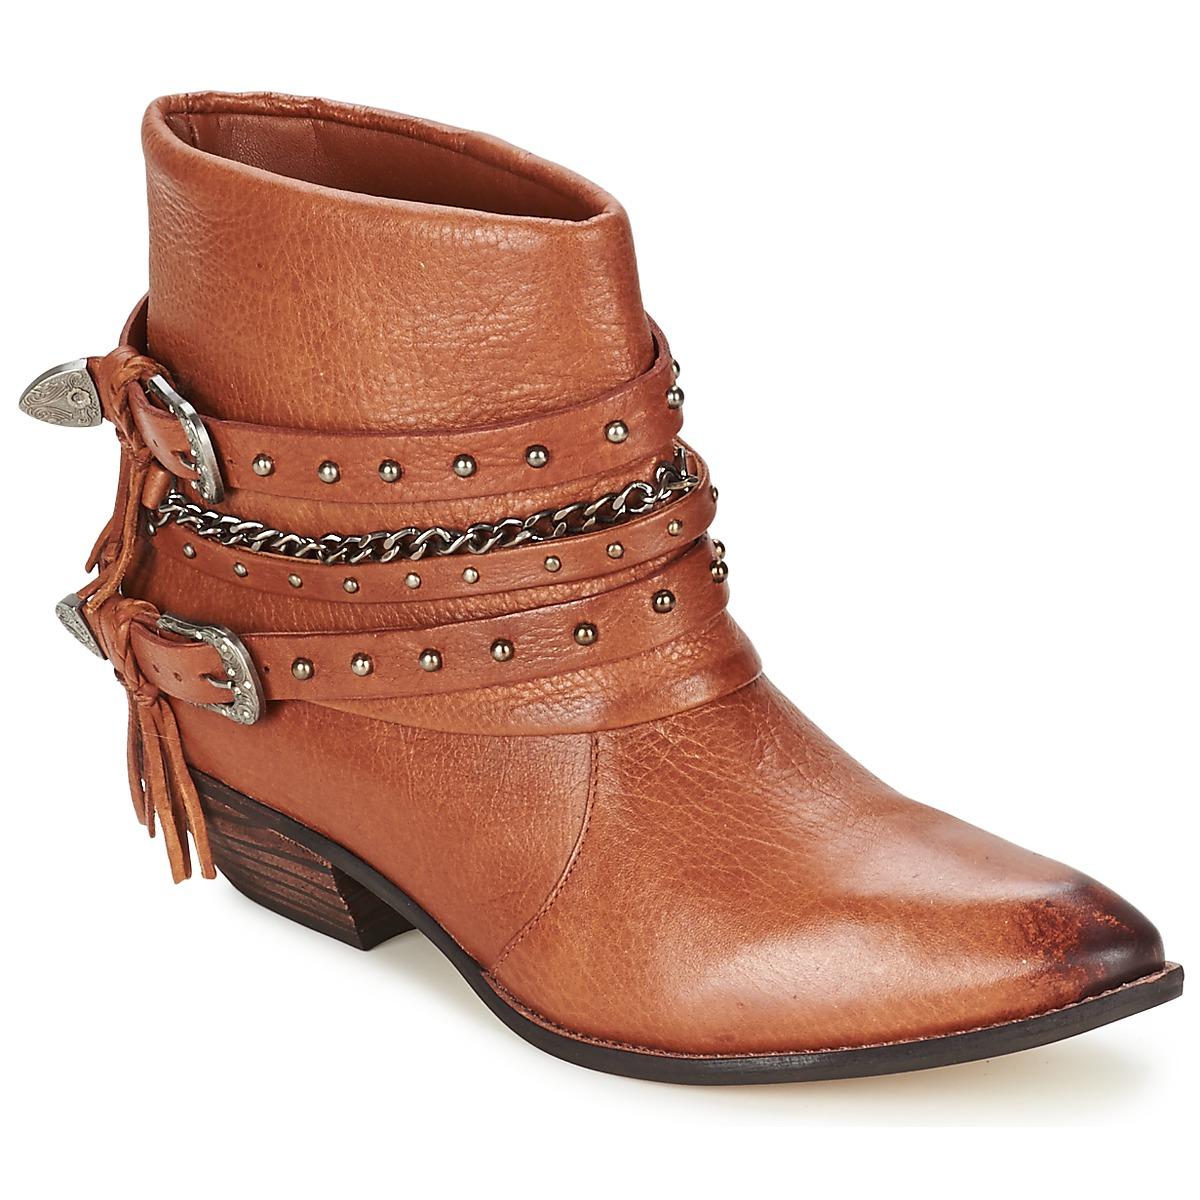 Dumond ZIELLE Marron - Livraison Gratuite avec  - Chaussures Boot Femme